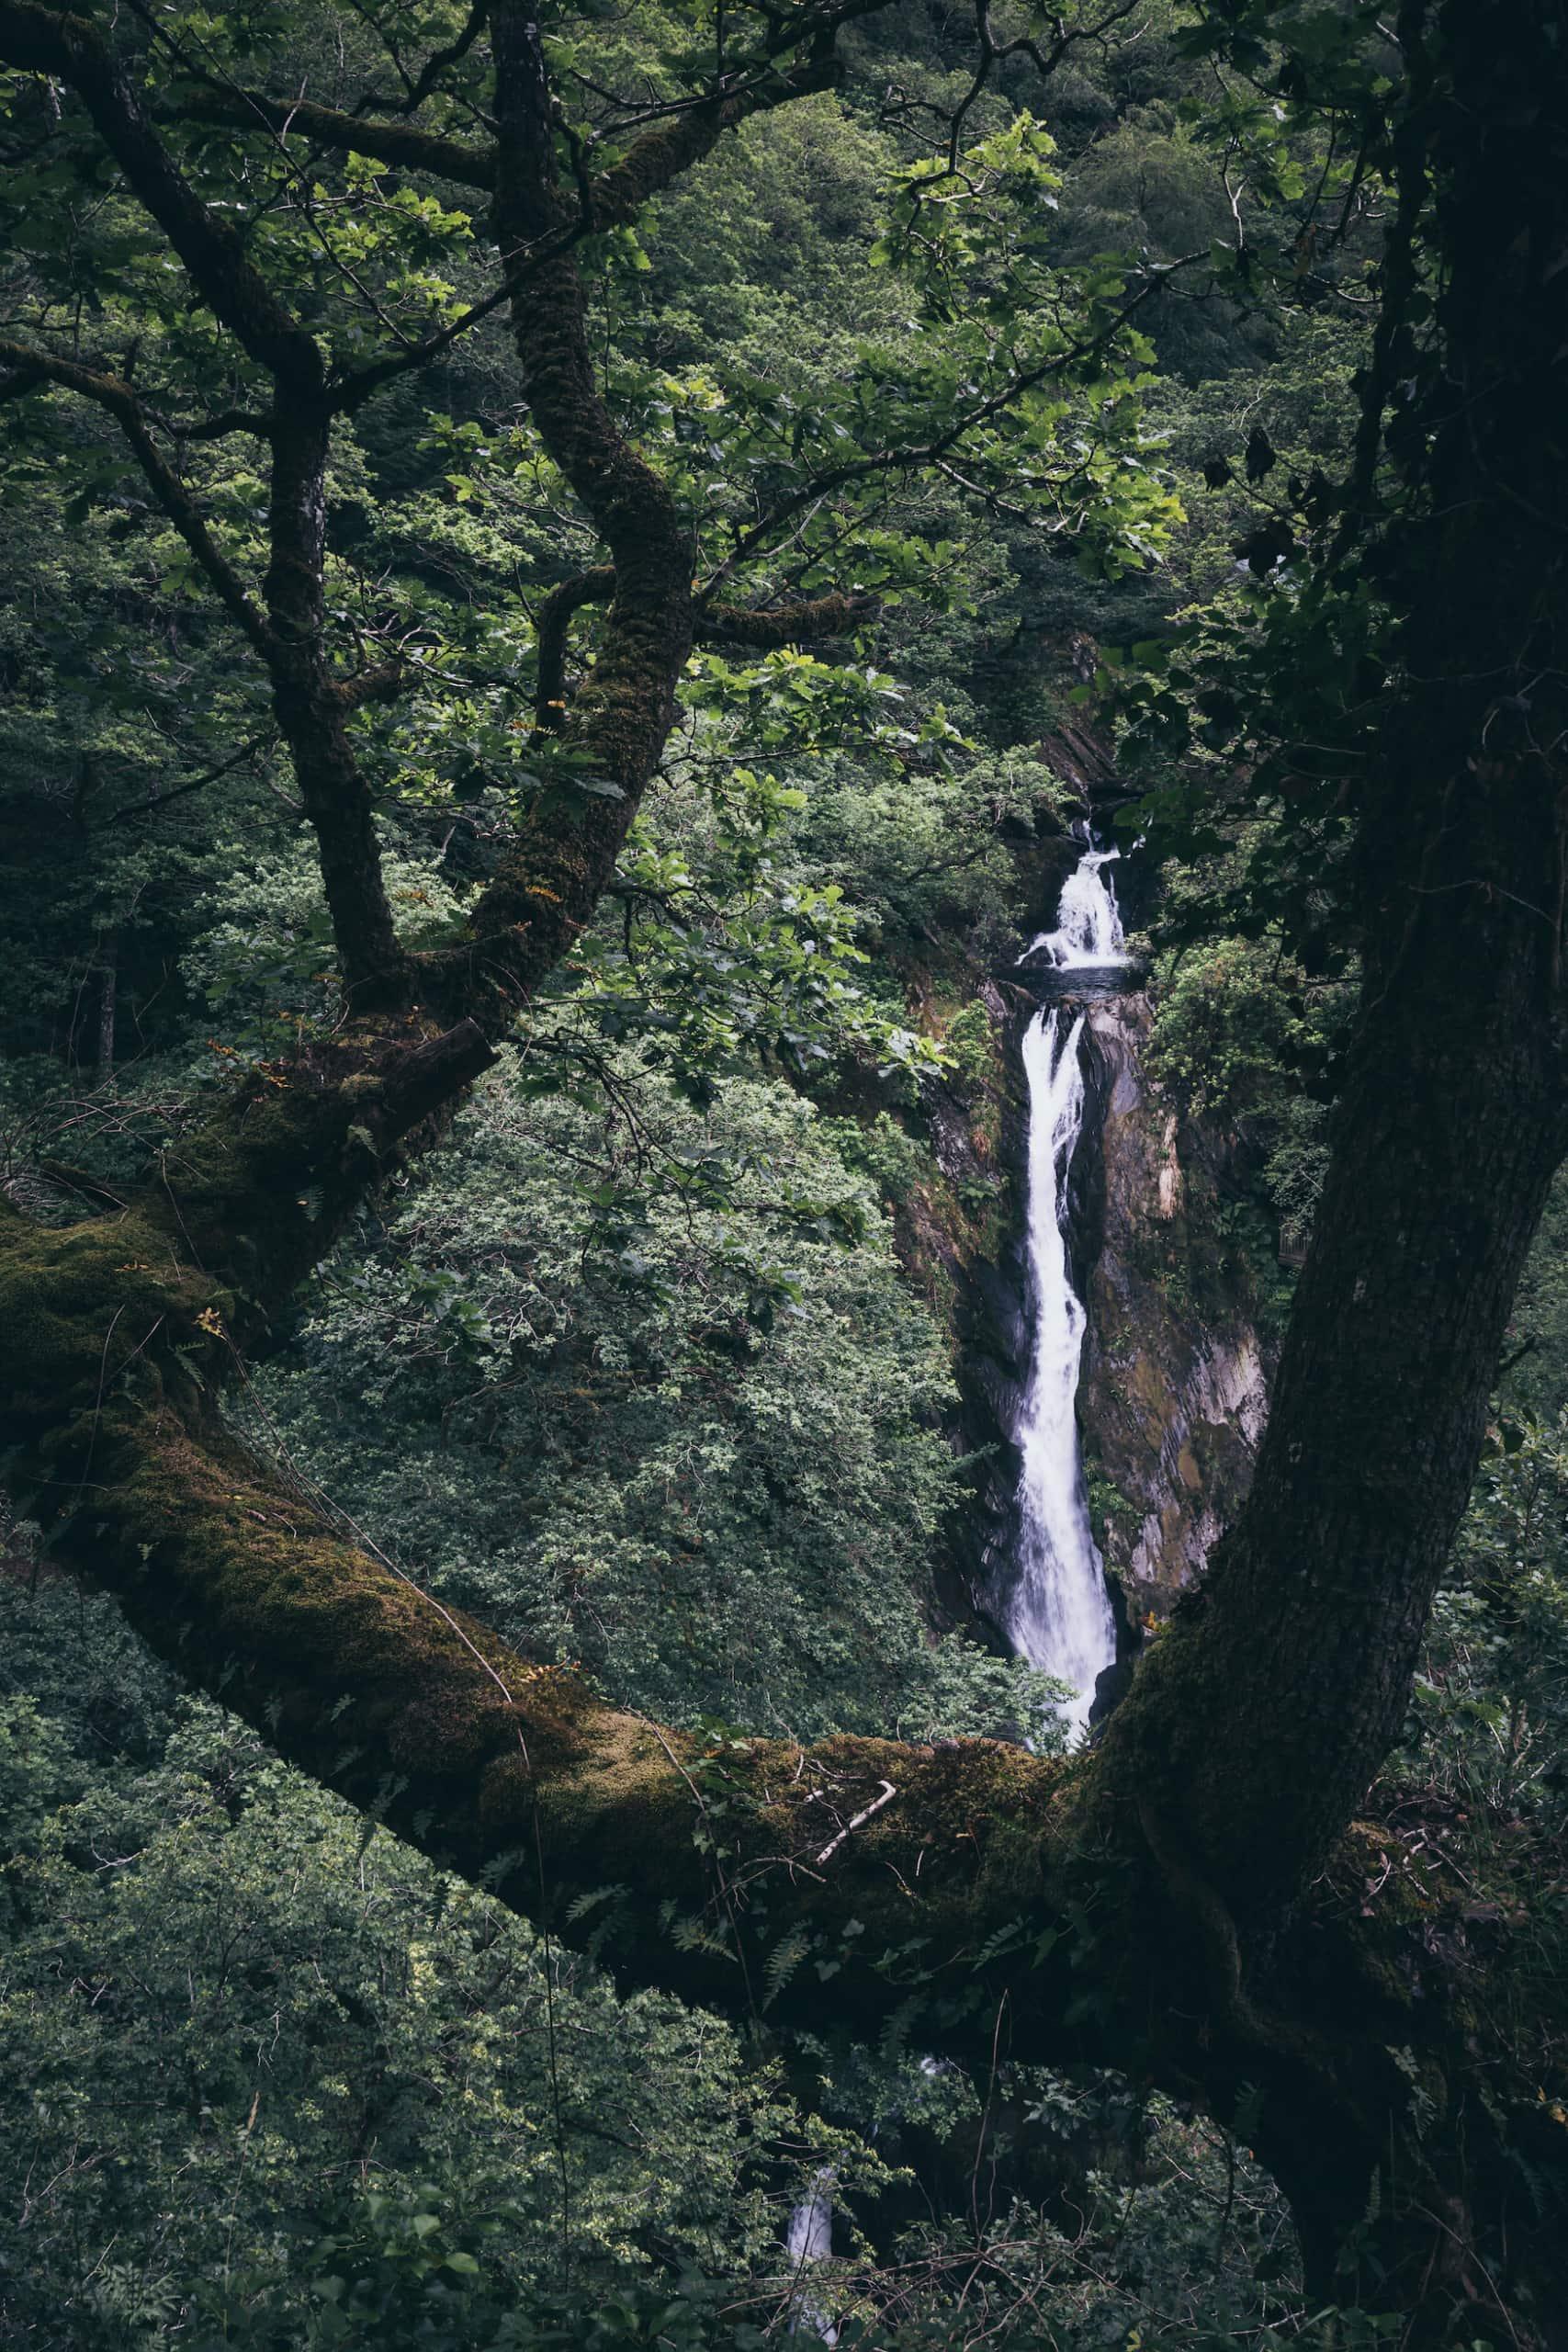 Wasserfall Pontarfynach in Wales